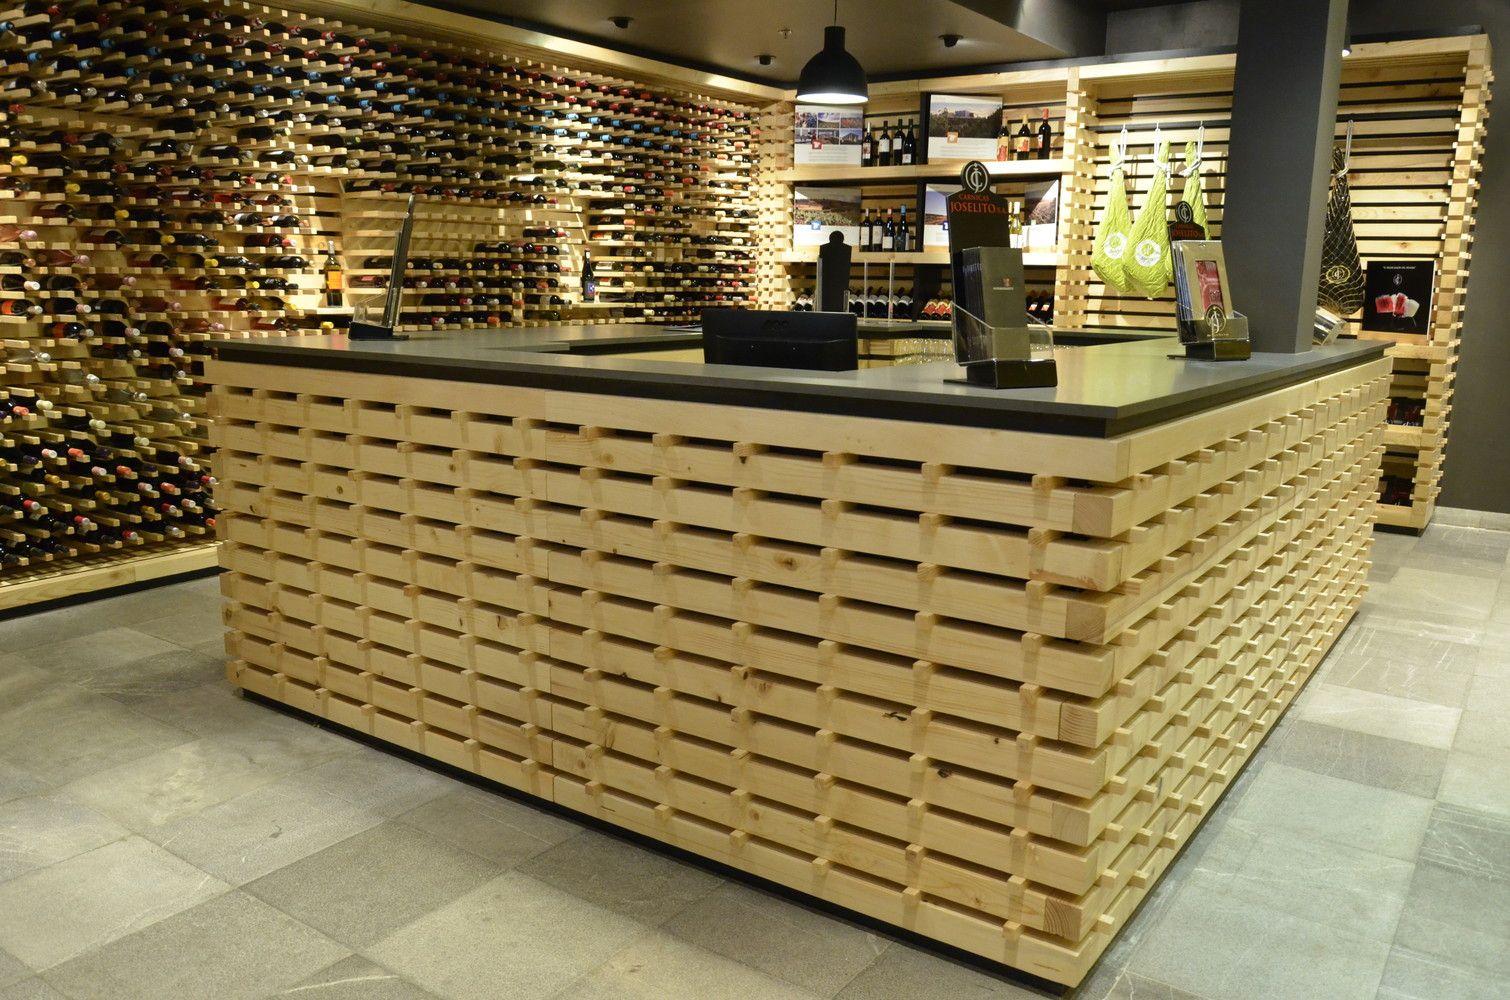 Galer A De Tienda Gourmet Intersybarite Arquitectura Sist Mica  # Muebles Para Tienda Gourmet